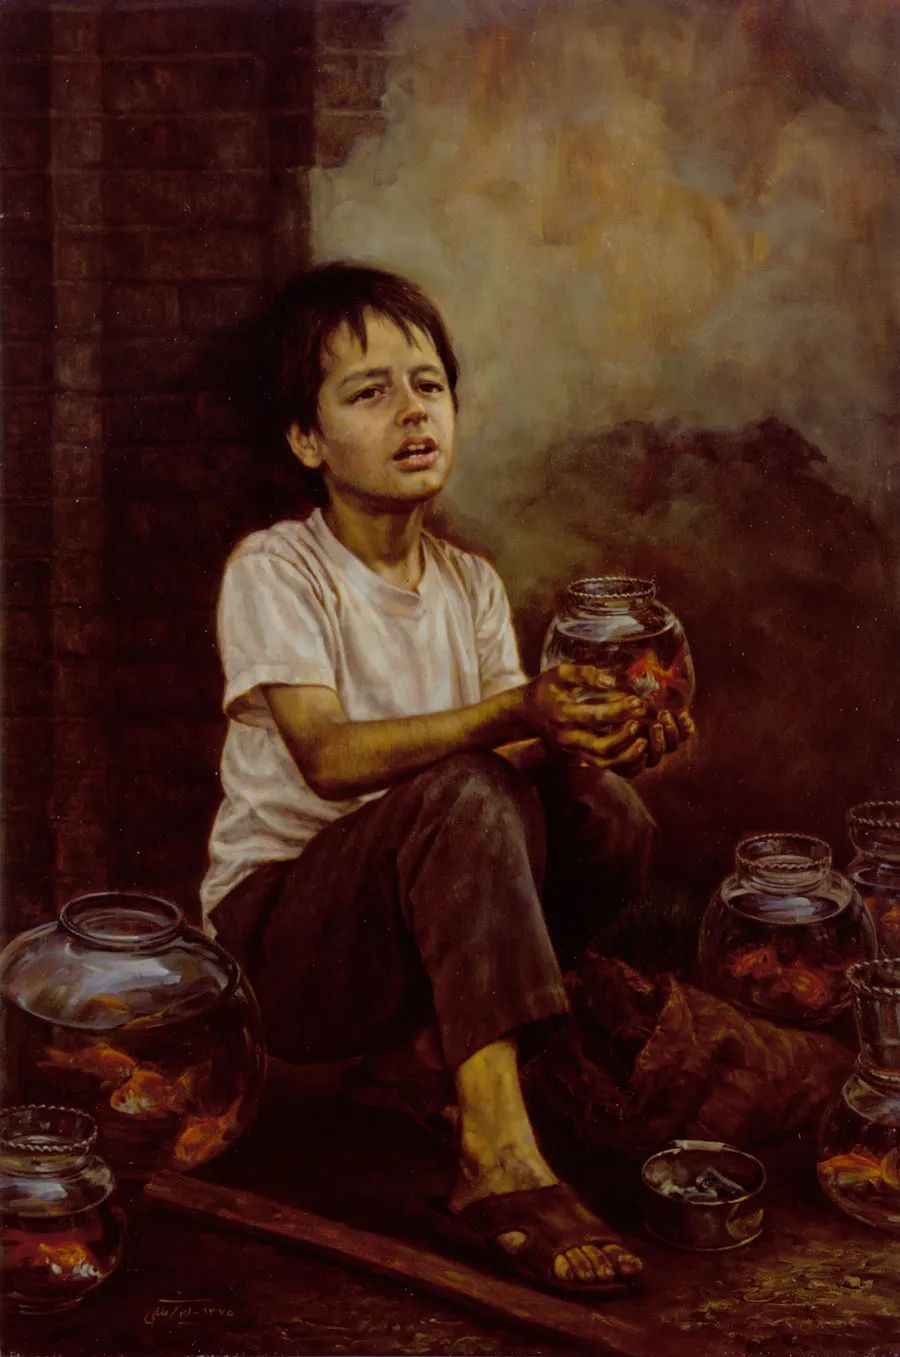 隐藏于内的情感释放,伊朗画家Iman Maleki插图9